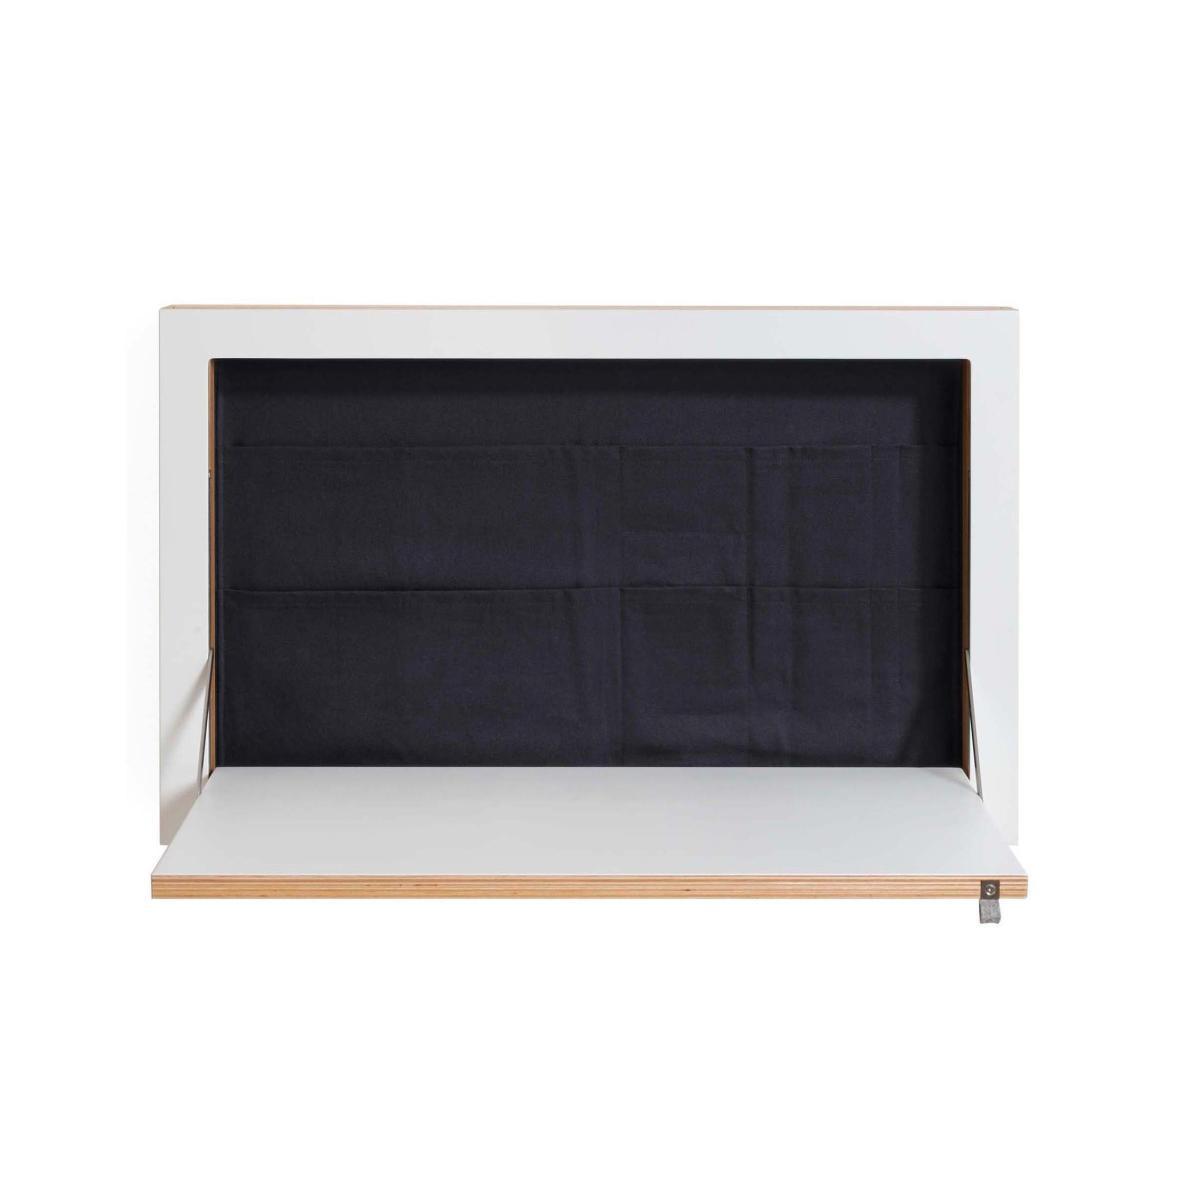 Fläpps Staatssekretär/in 80 x 50 cm, schwarz